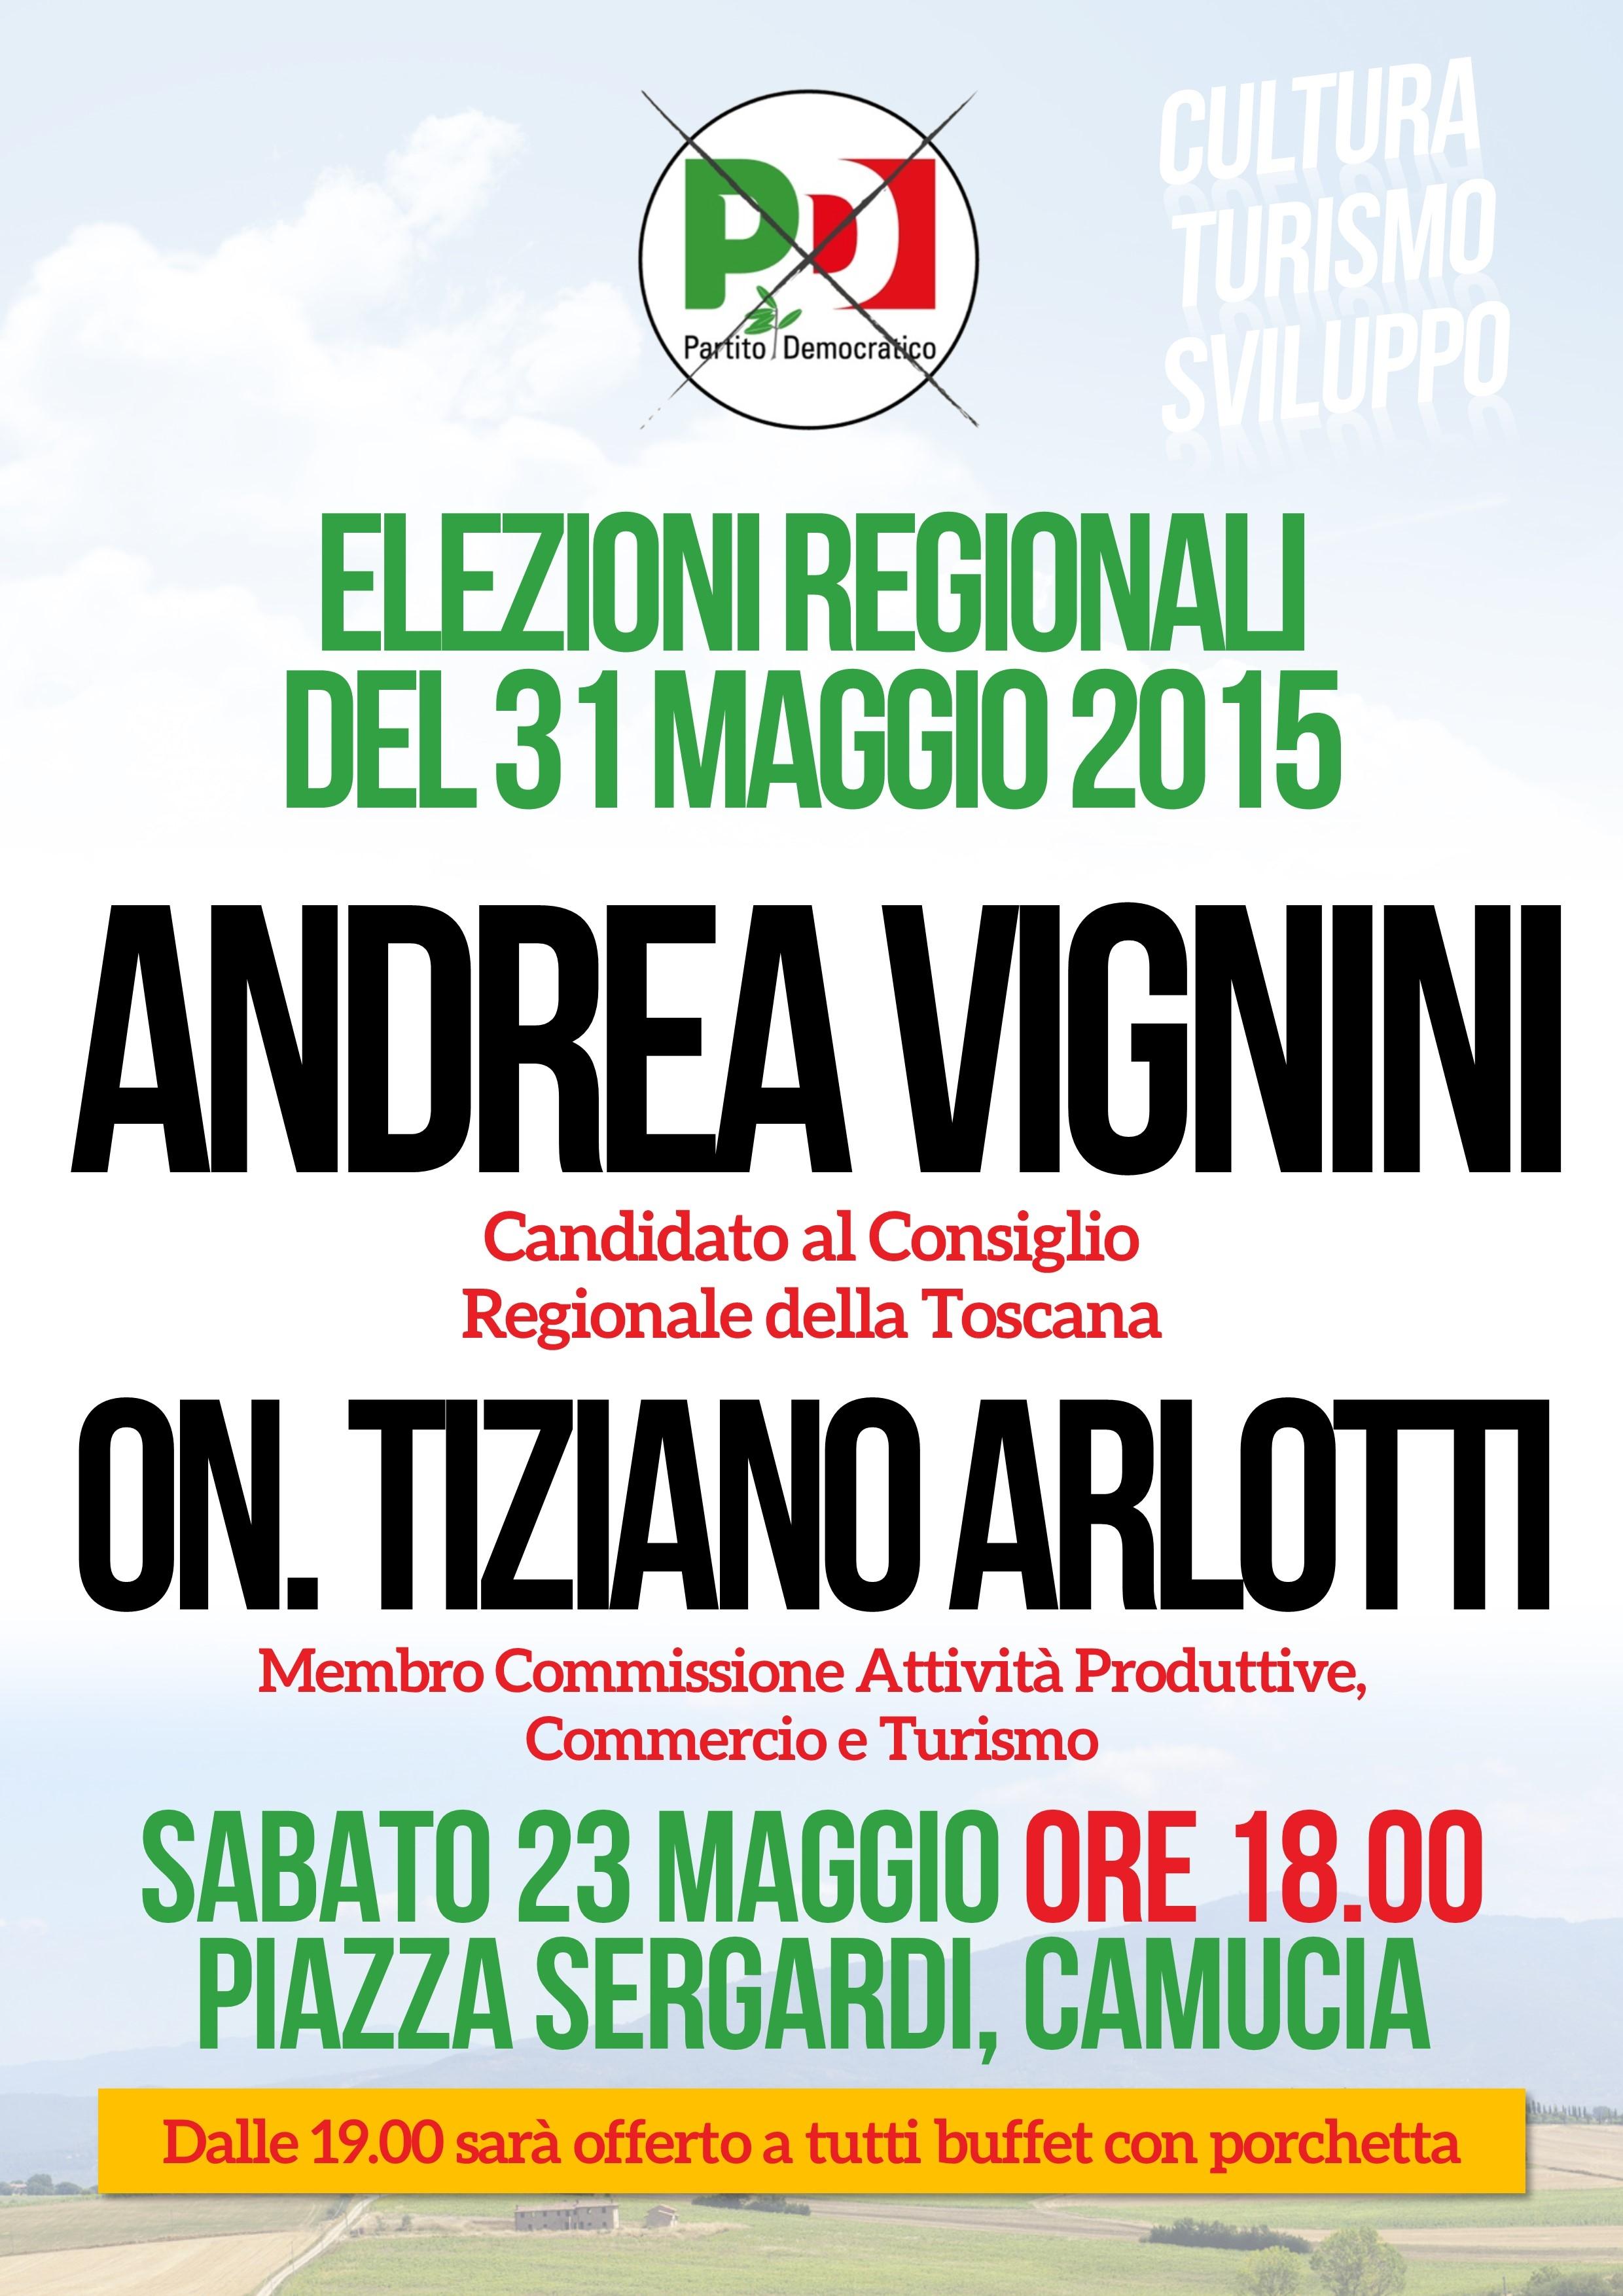 Due incontri con Andrea Vignini a Camucia e Terontola nel prossimo weekend